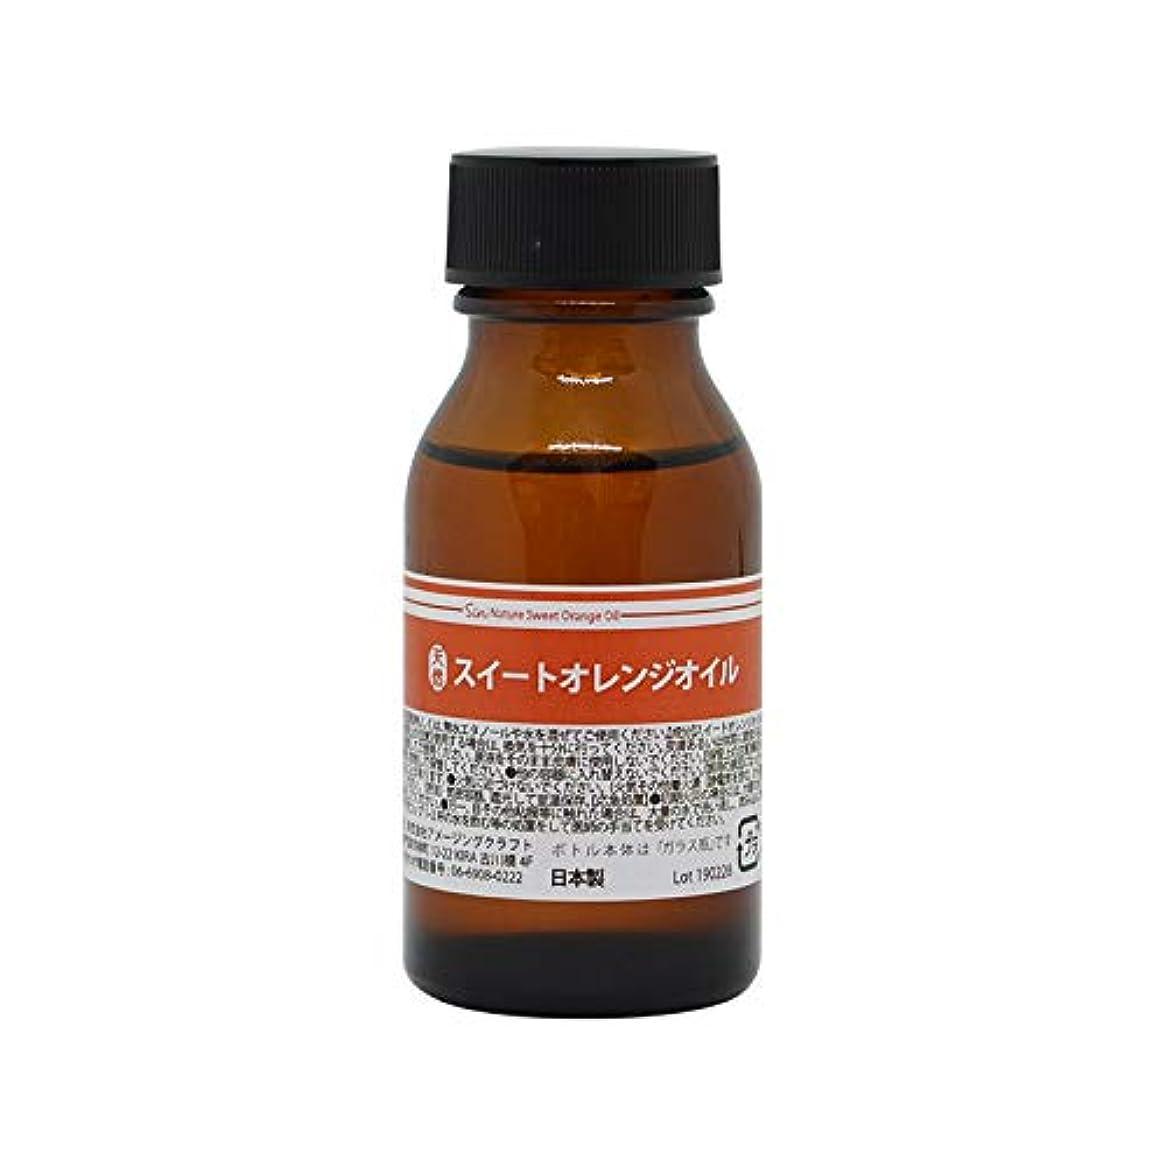 遷移スライム平野天然100% スイートオレンジオイル 50ml (オレンジスイート) エッセンシャルオイル